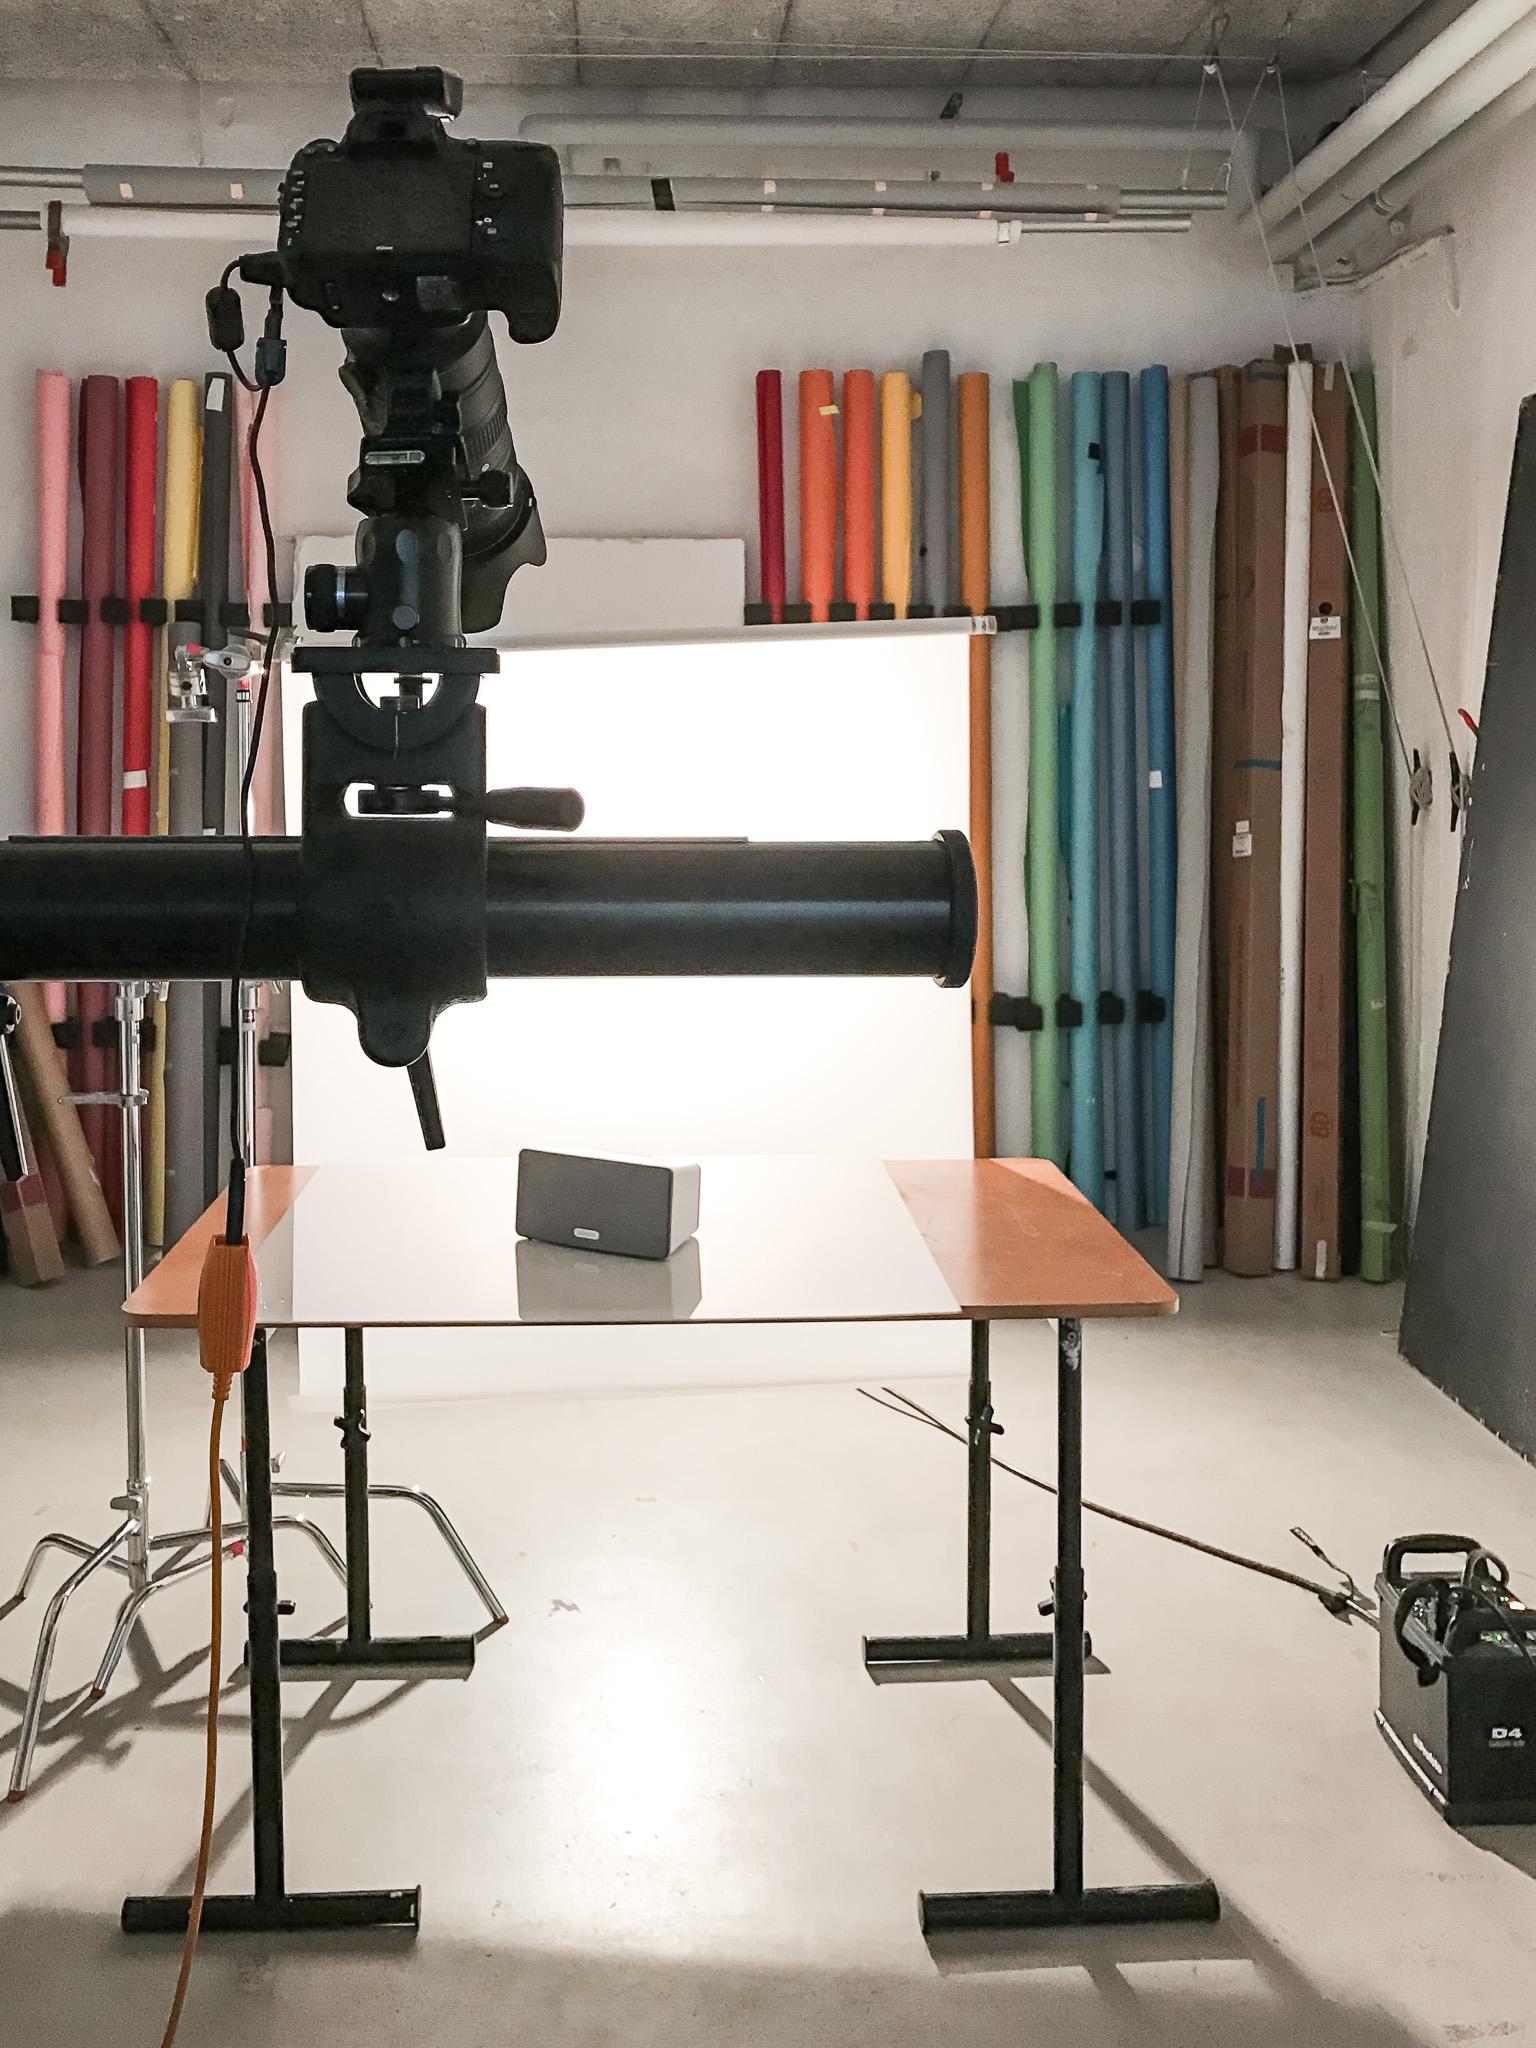 Kameran jag använder är en Nikon D750. För denna fotografering använde jag objektivet 70-200/2,8.